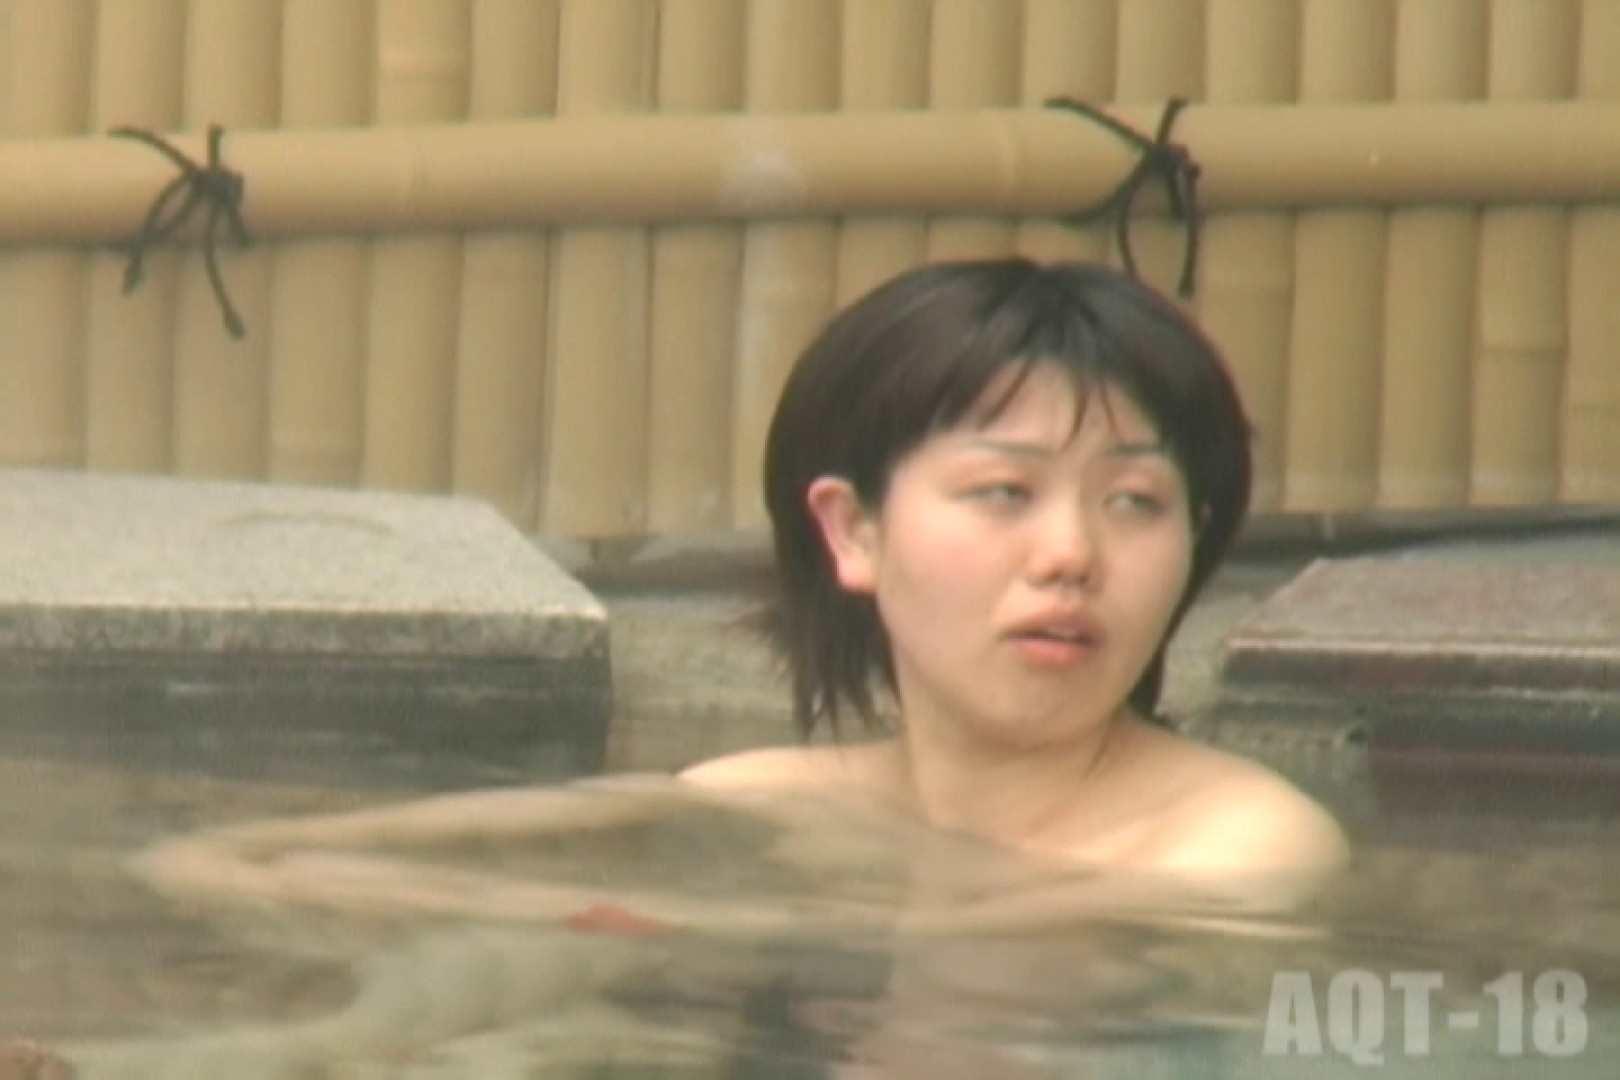 Aquaな露天風呂Vol.861 0   0  94pic 53